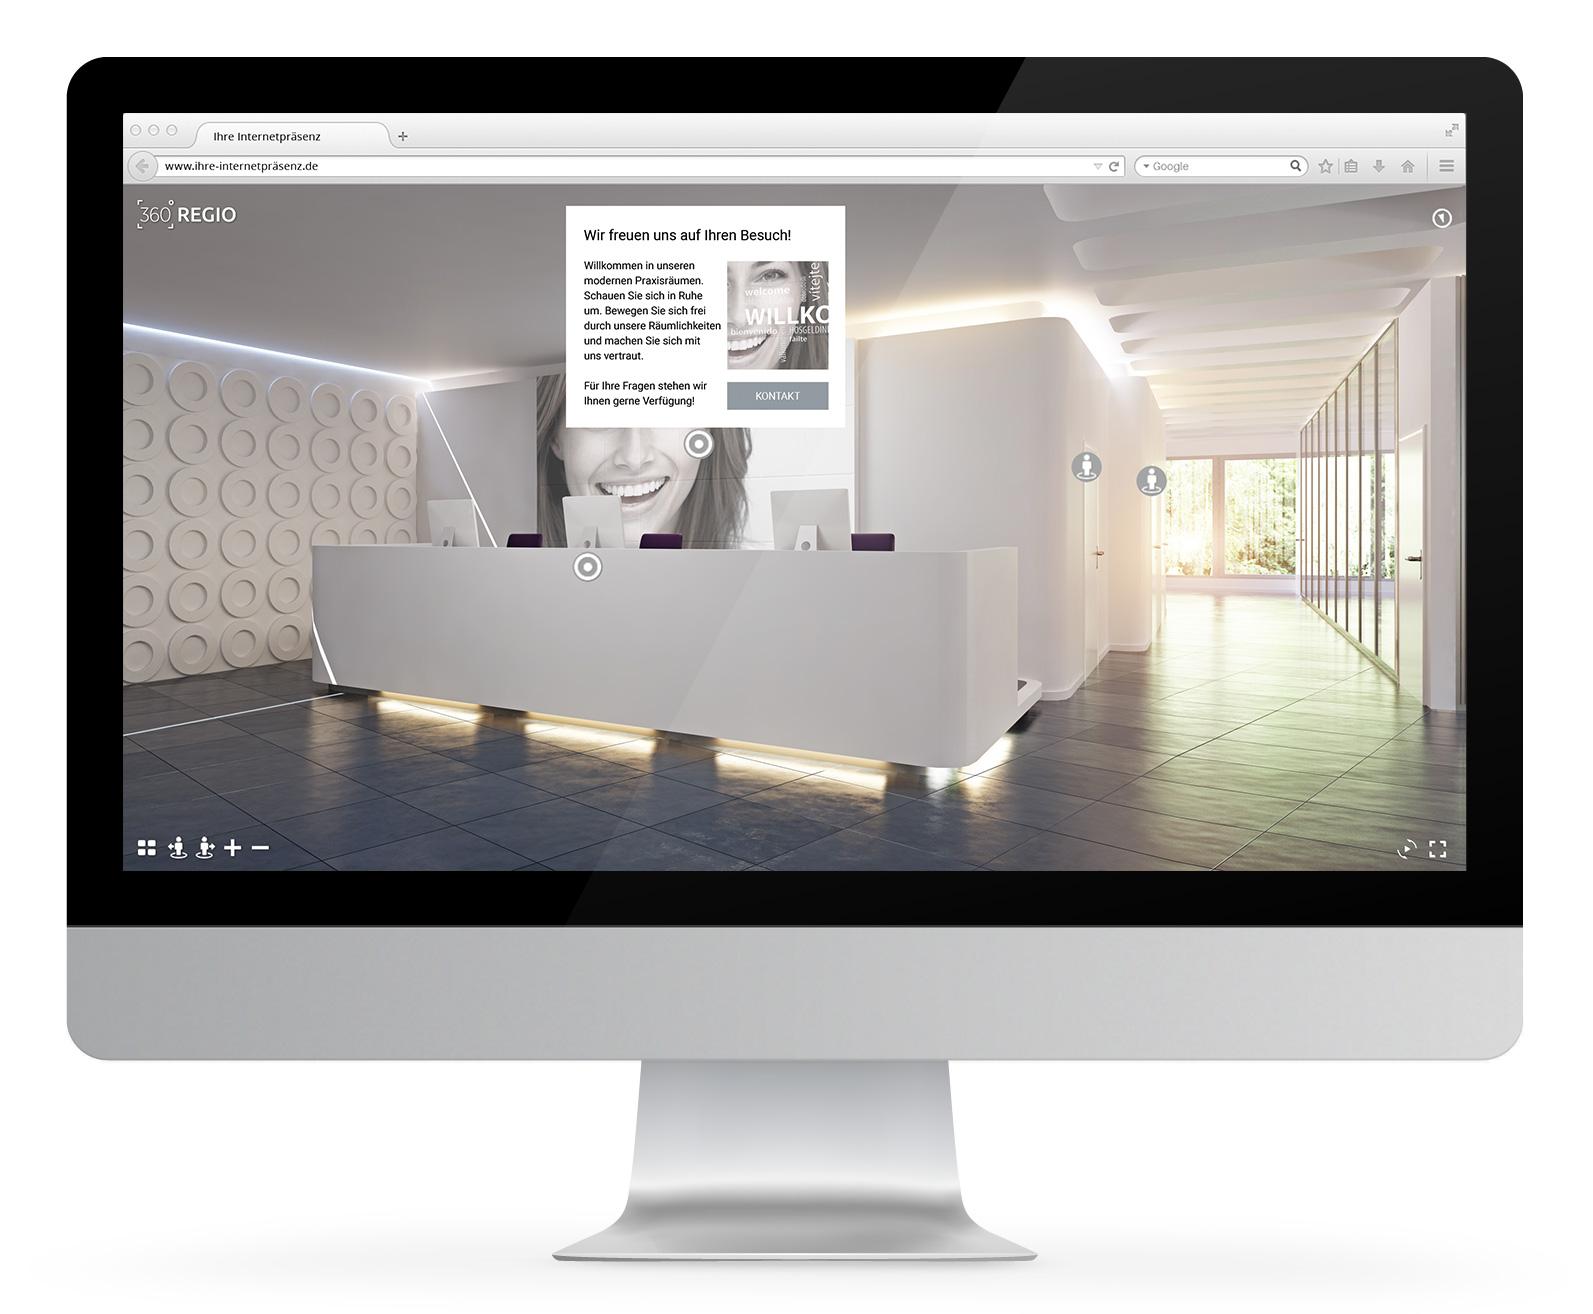 360º REGIO bietet eine neue Dimension an Funktionalität und Mehrwert browserbasierter Onlinerundgänge